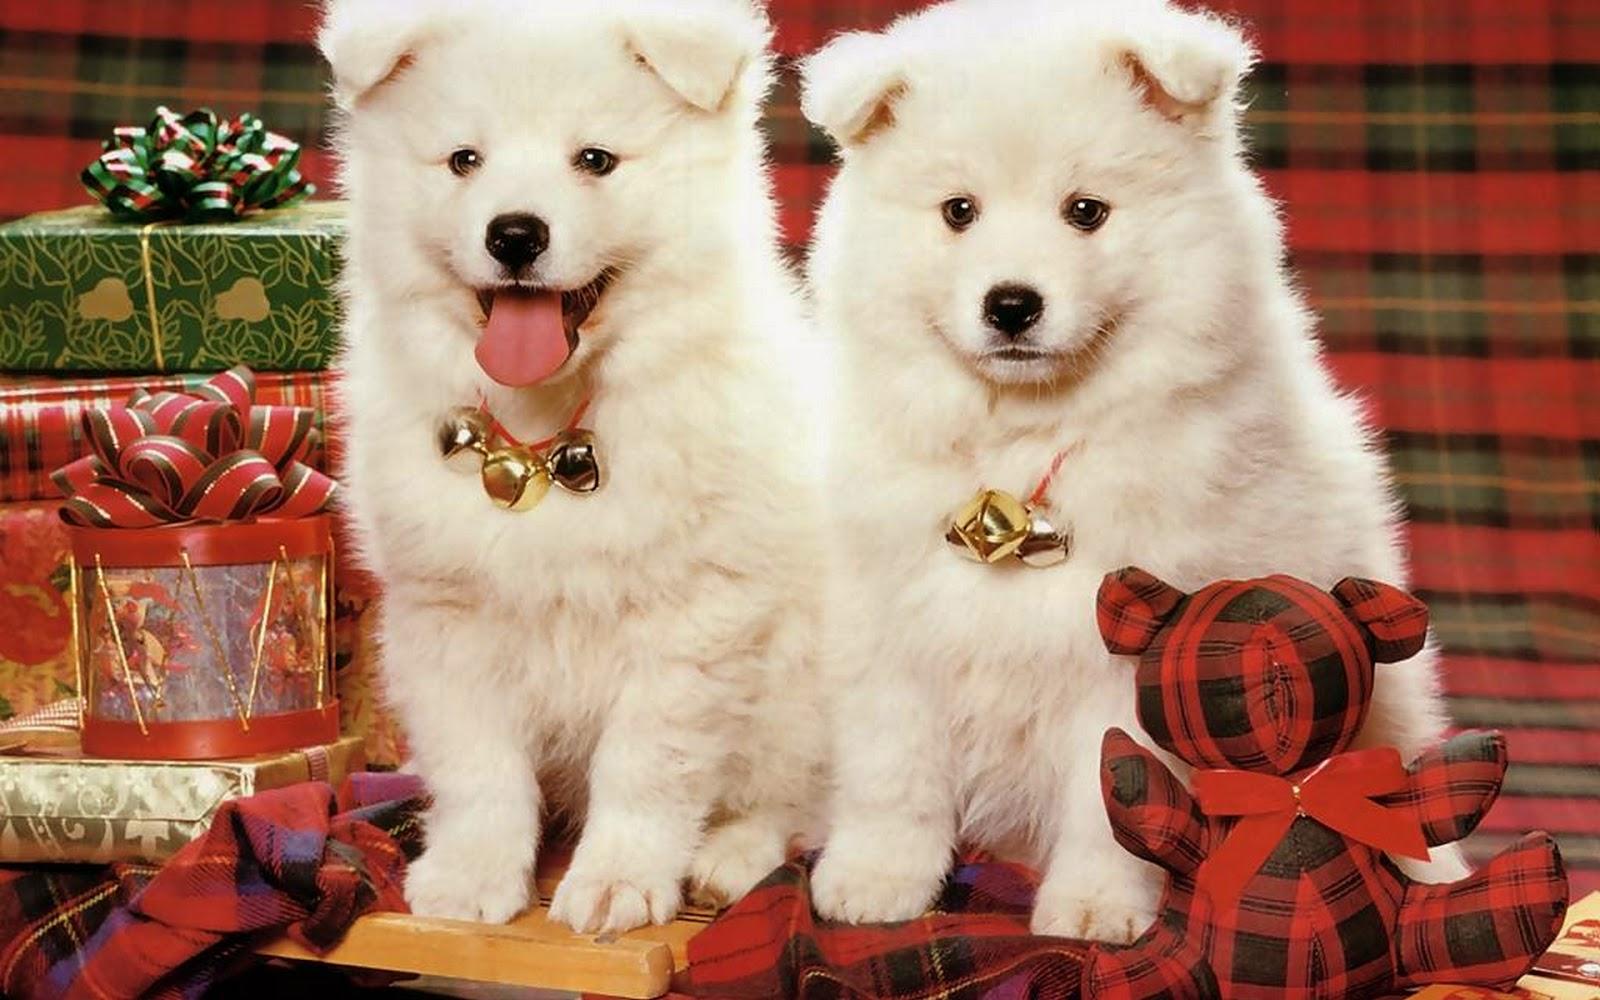 Cute Dogs In Christmas Wallpaper Desktop   wallarthdcom